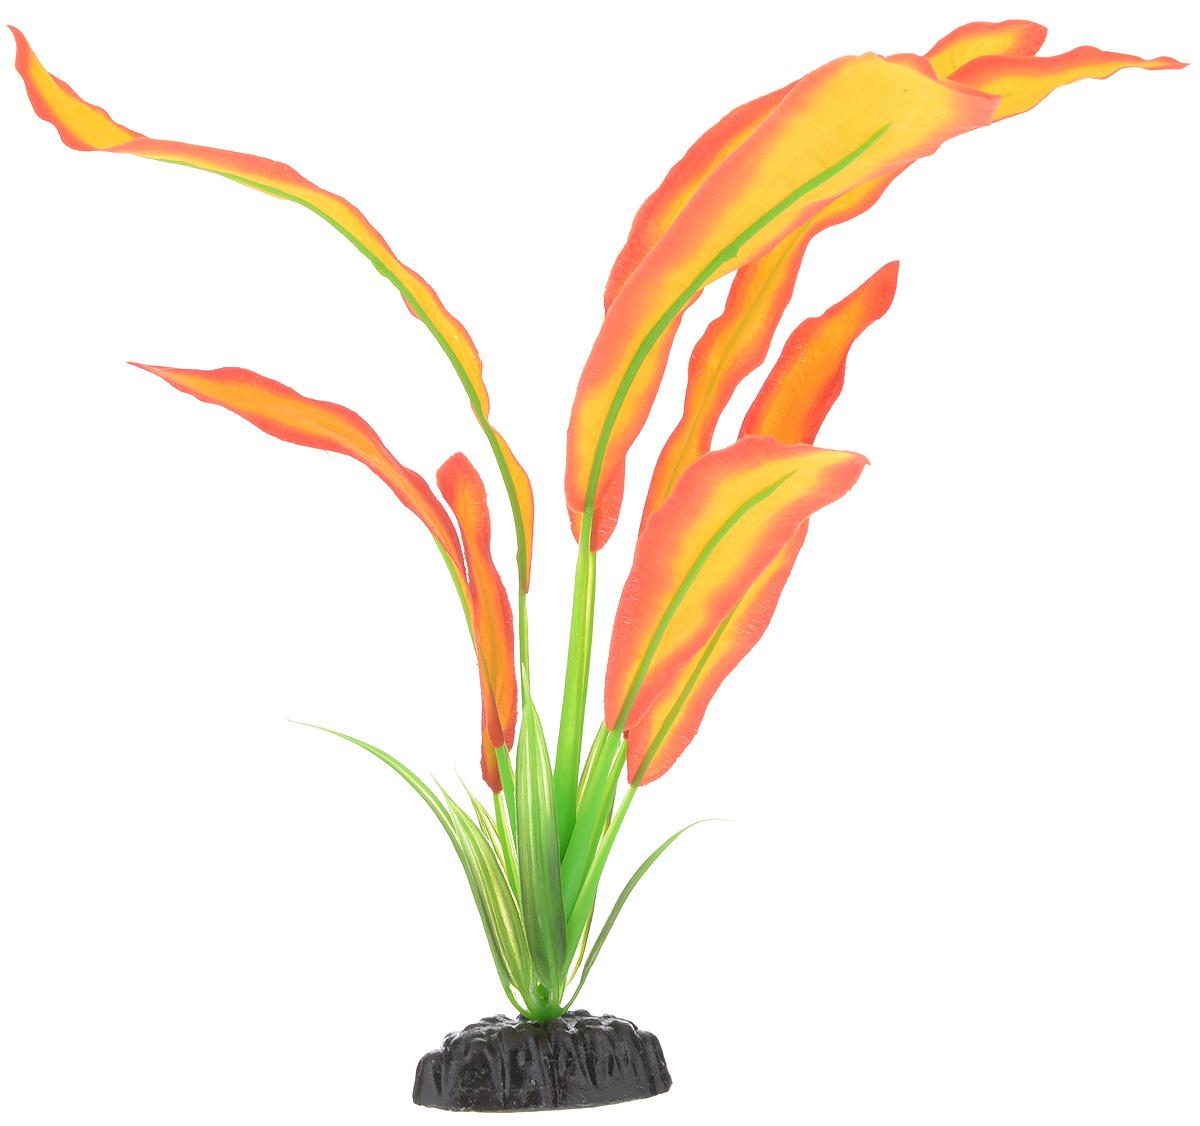 Растение для аквариума Barbus Эхинодорус Бартхи, шелковое, цвет: красный, желтый, высота 30 смPlant 047/30Растение для аквариума Barbus Эхинодорус Бартхи, выполненное из высококачественного нетоксичного пластика и шелка, станет прекрасным украшением вашего аквариума. Шелковое растение идеально подходит для дизайна всех видов аквариумов. В воде происходит абсолютная имитация живых растений. Изделие не требует дополнительного ухода и просто в применении. Растение абсолютно безопасно, нейтрально к водному балансу, устойчиво к истиранию краски, подходит как для пресноводного, так и для морского аквариума. Растение для аквариума Barbus поможет вам смоделировать потрясающий пейзаж на дне вашего аквариума или террариума. Высота растения: 30 см.